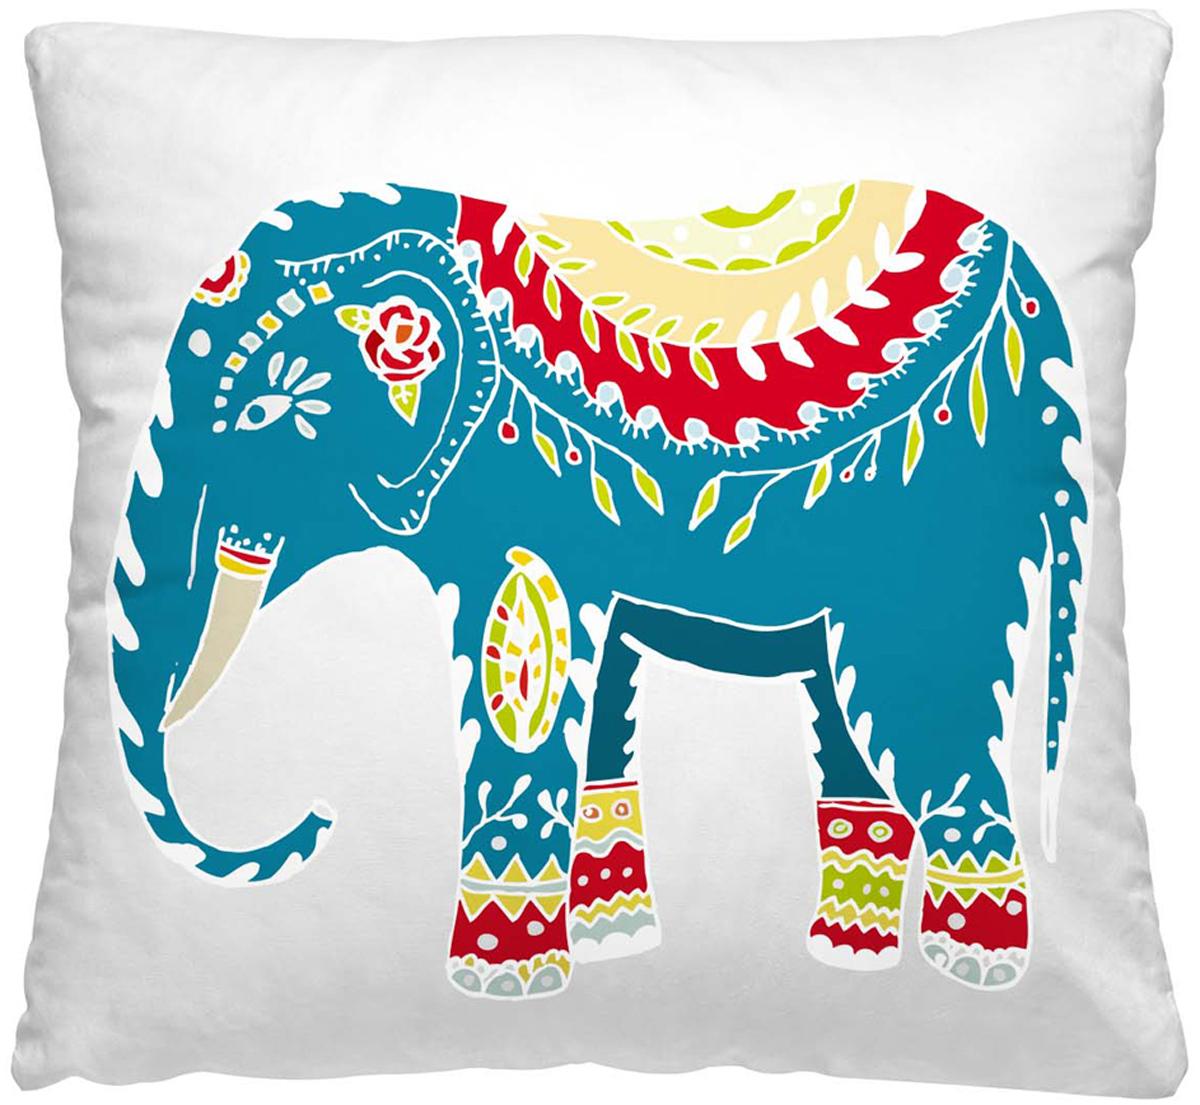 Подушка декоративная Волшебная ночь Индийский слон, 40 х 40 см подушка декоративная волшебная ночь цветочный заяц 40х40 см